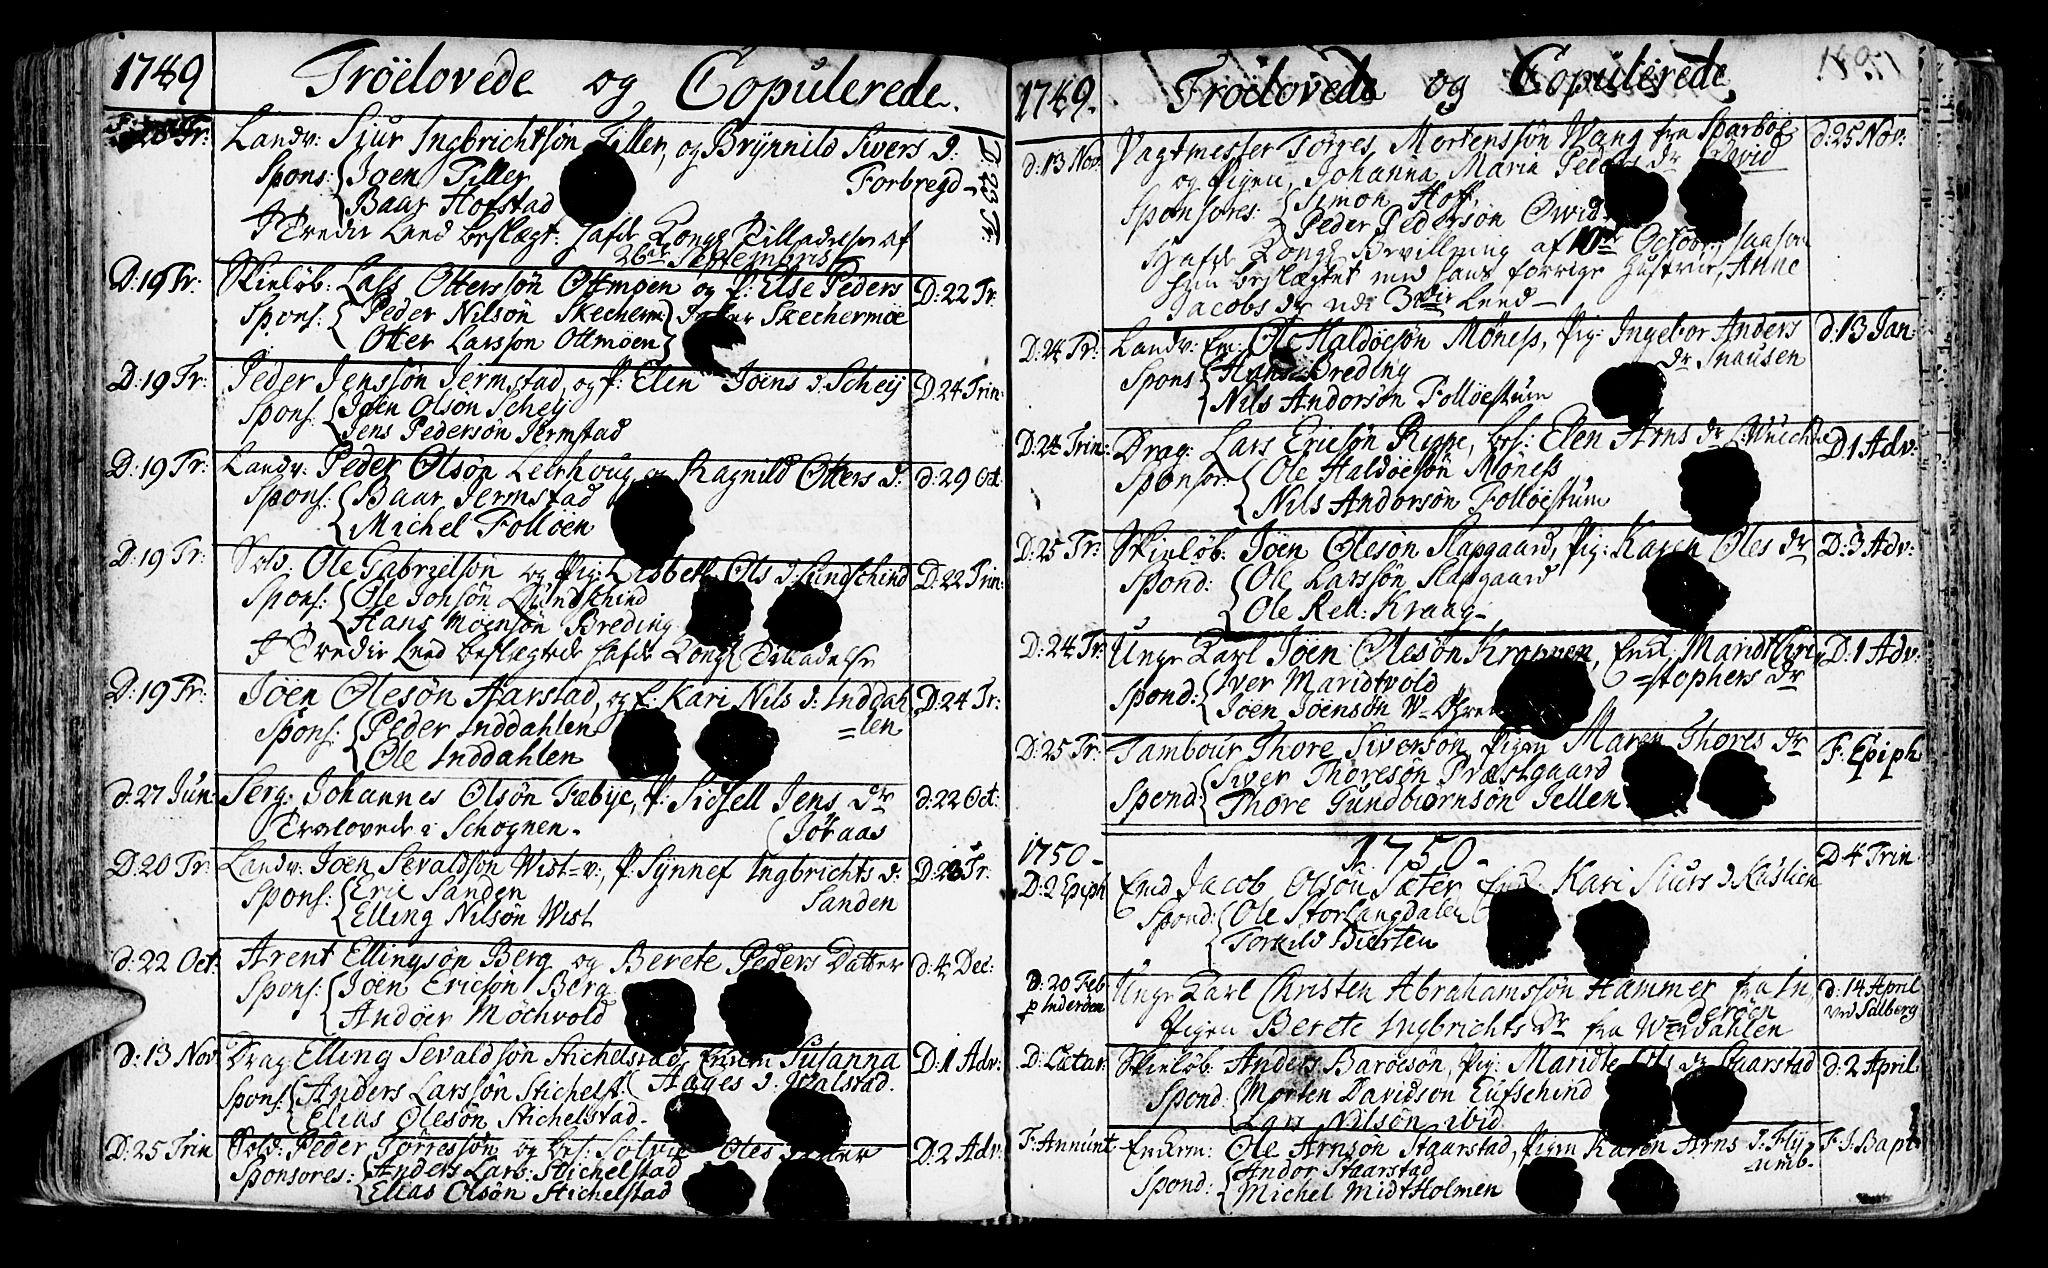 SAT, Ministerialprotokoller, klokkerbøker og fødselsregistre - Nord-Trøndelag, 723/L0231: Ministerialbok nr. 723A02, 1748-1780, s. 160